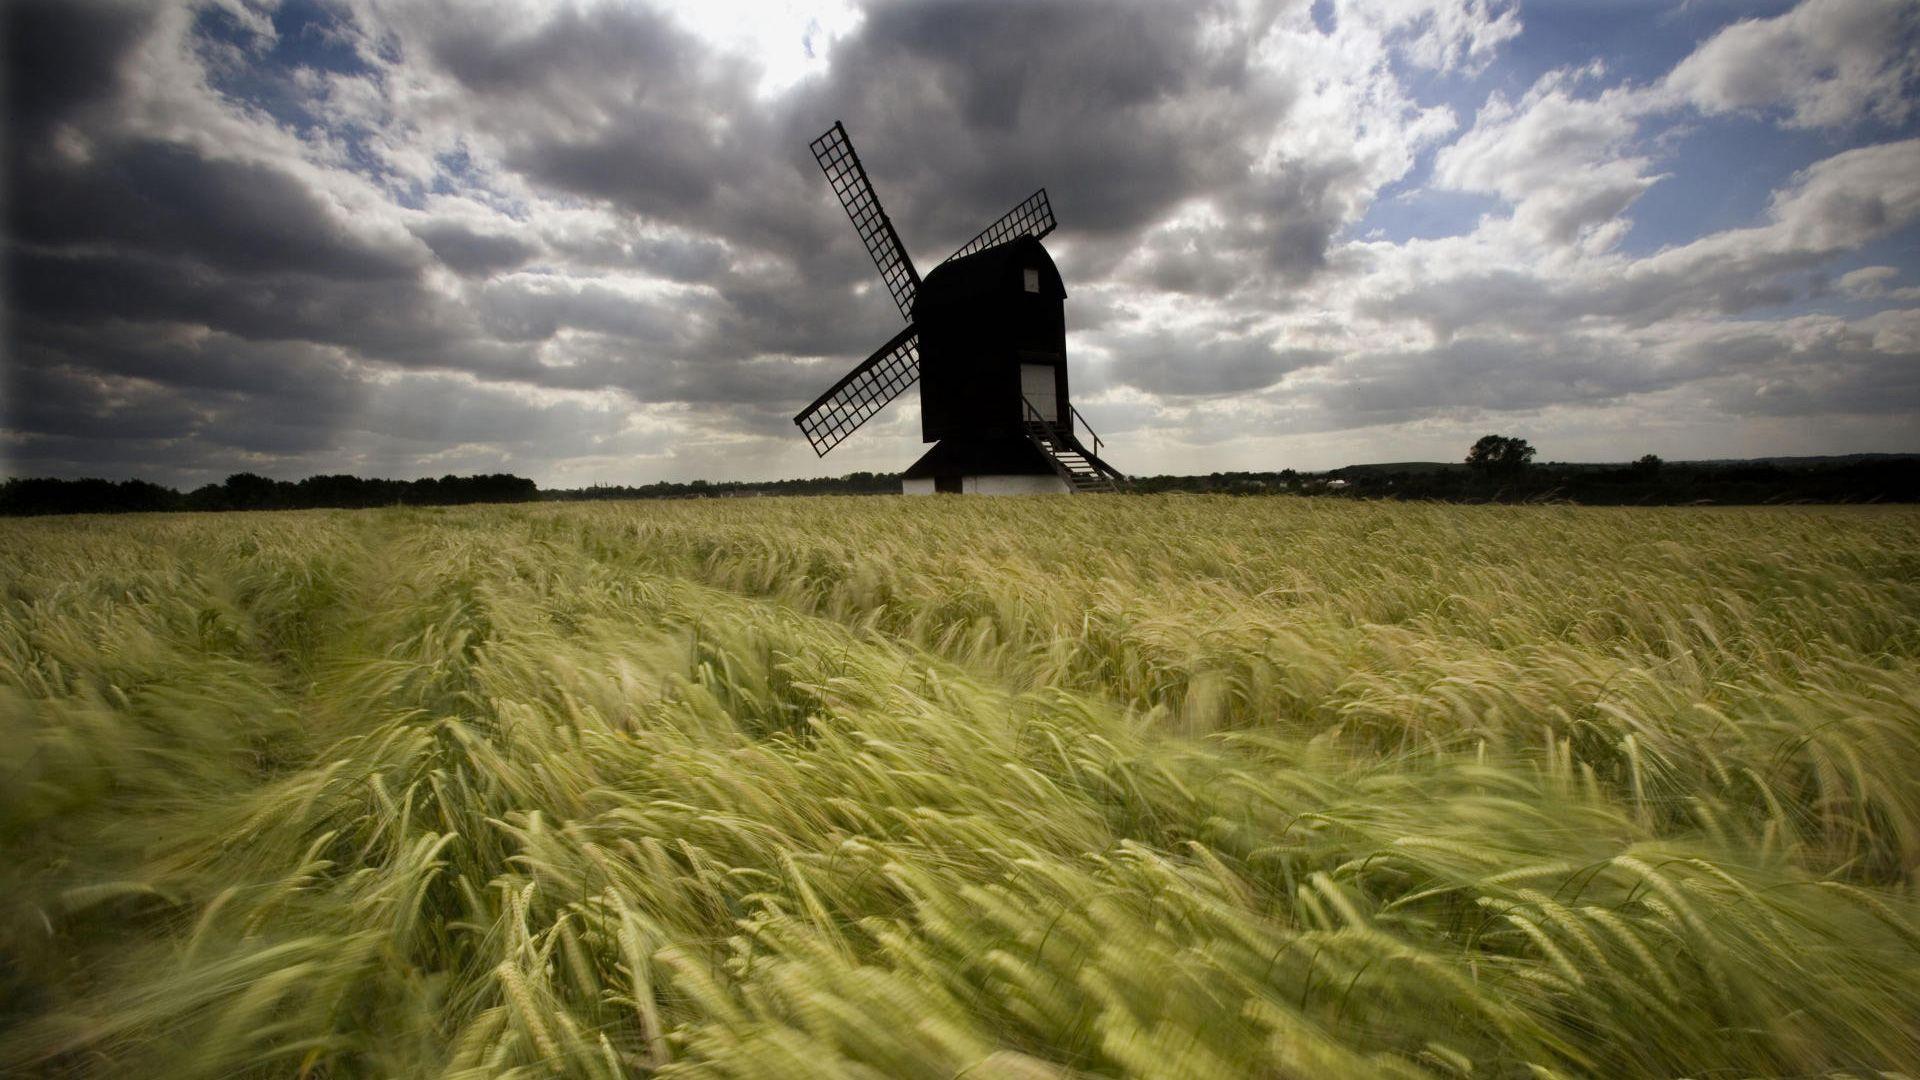 Windmill - 1920x1080